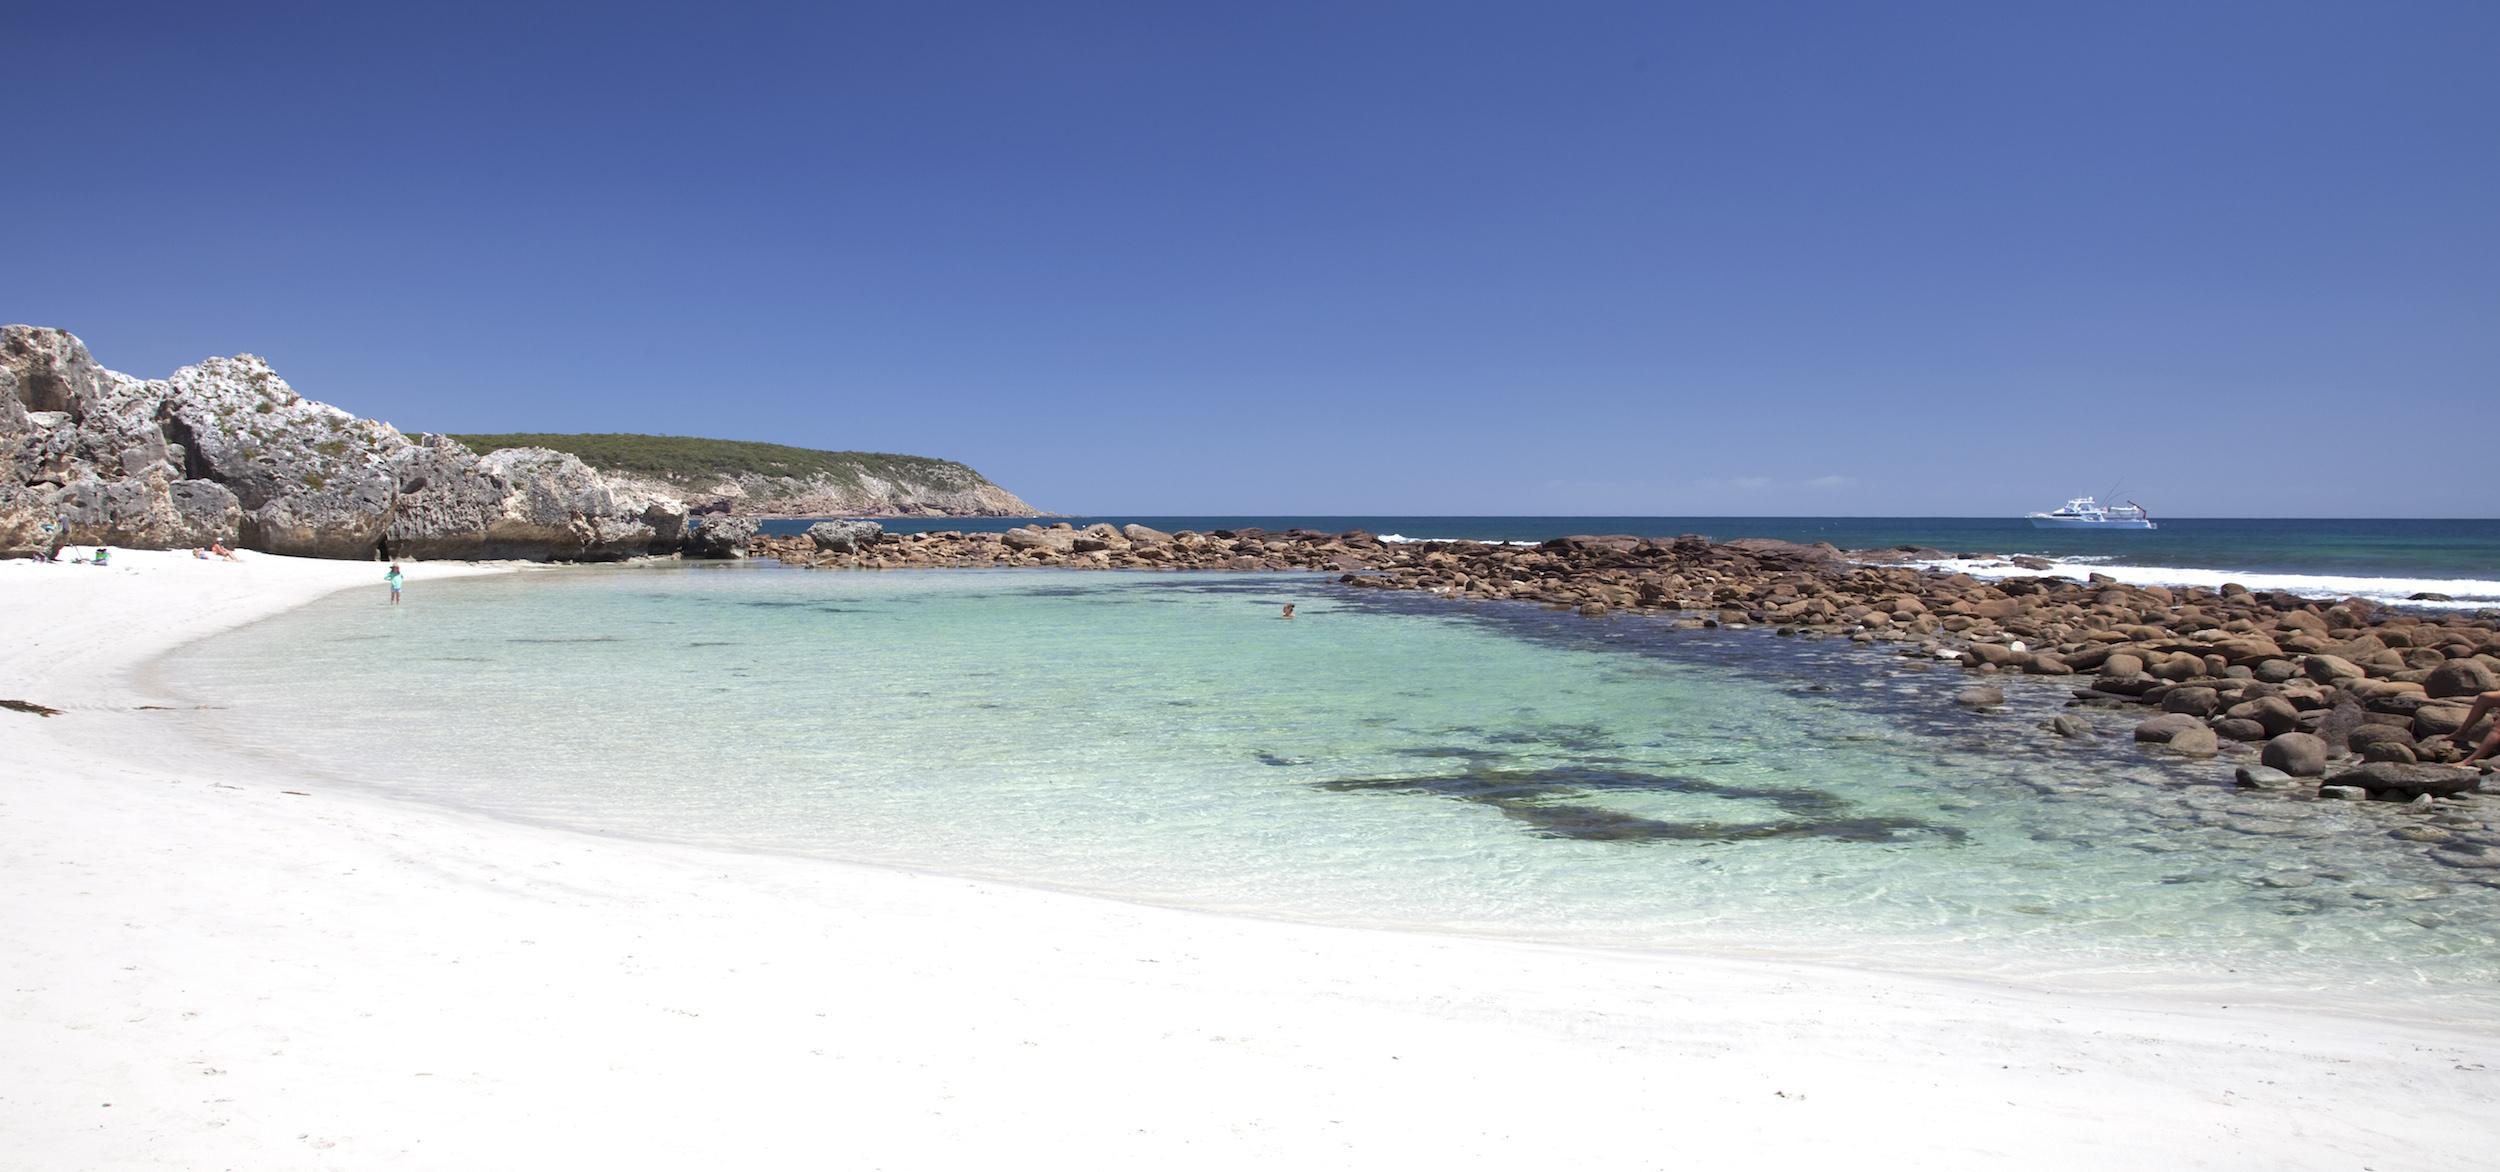 「袋鼠島 Stokes Bay 海灘」的圖片搜尋結果